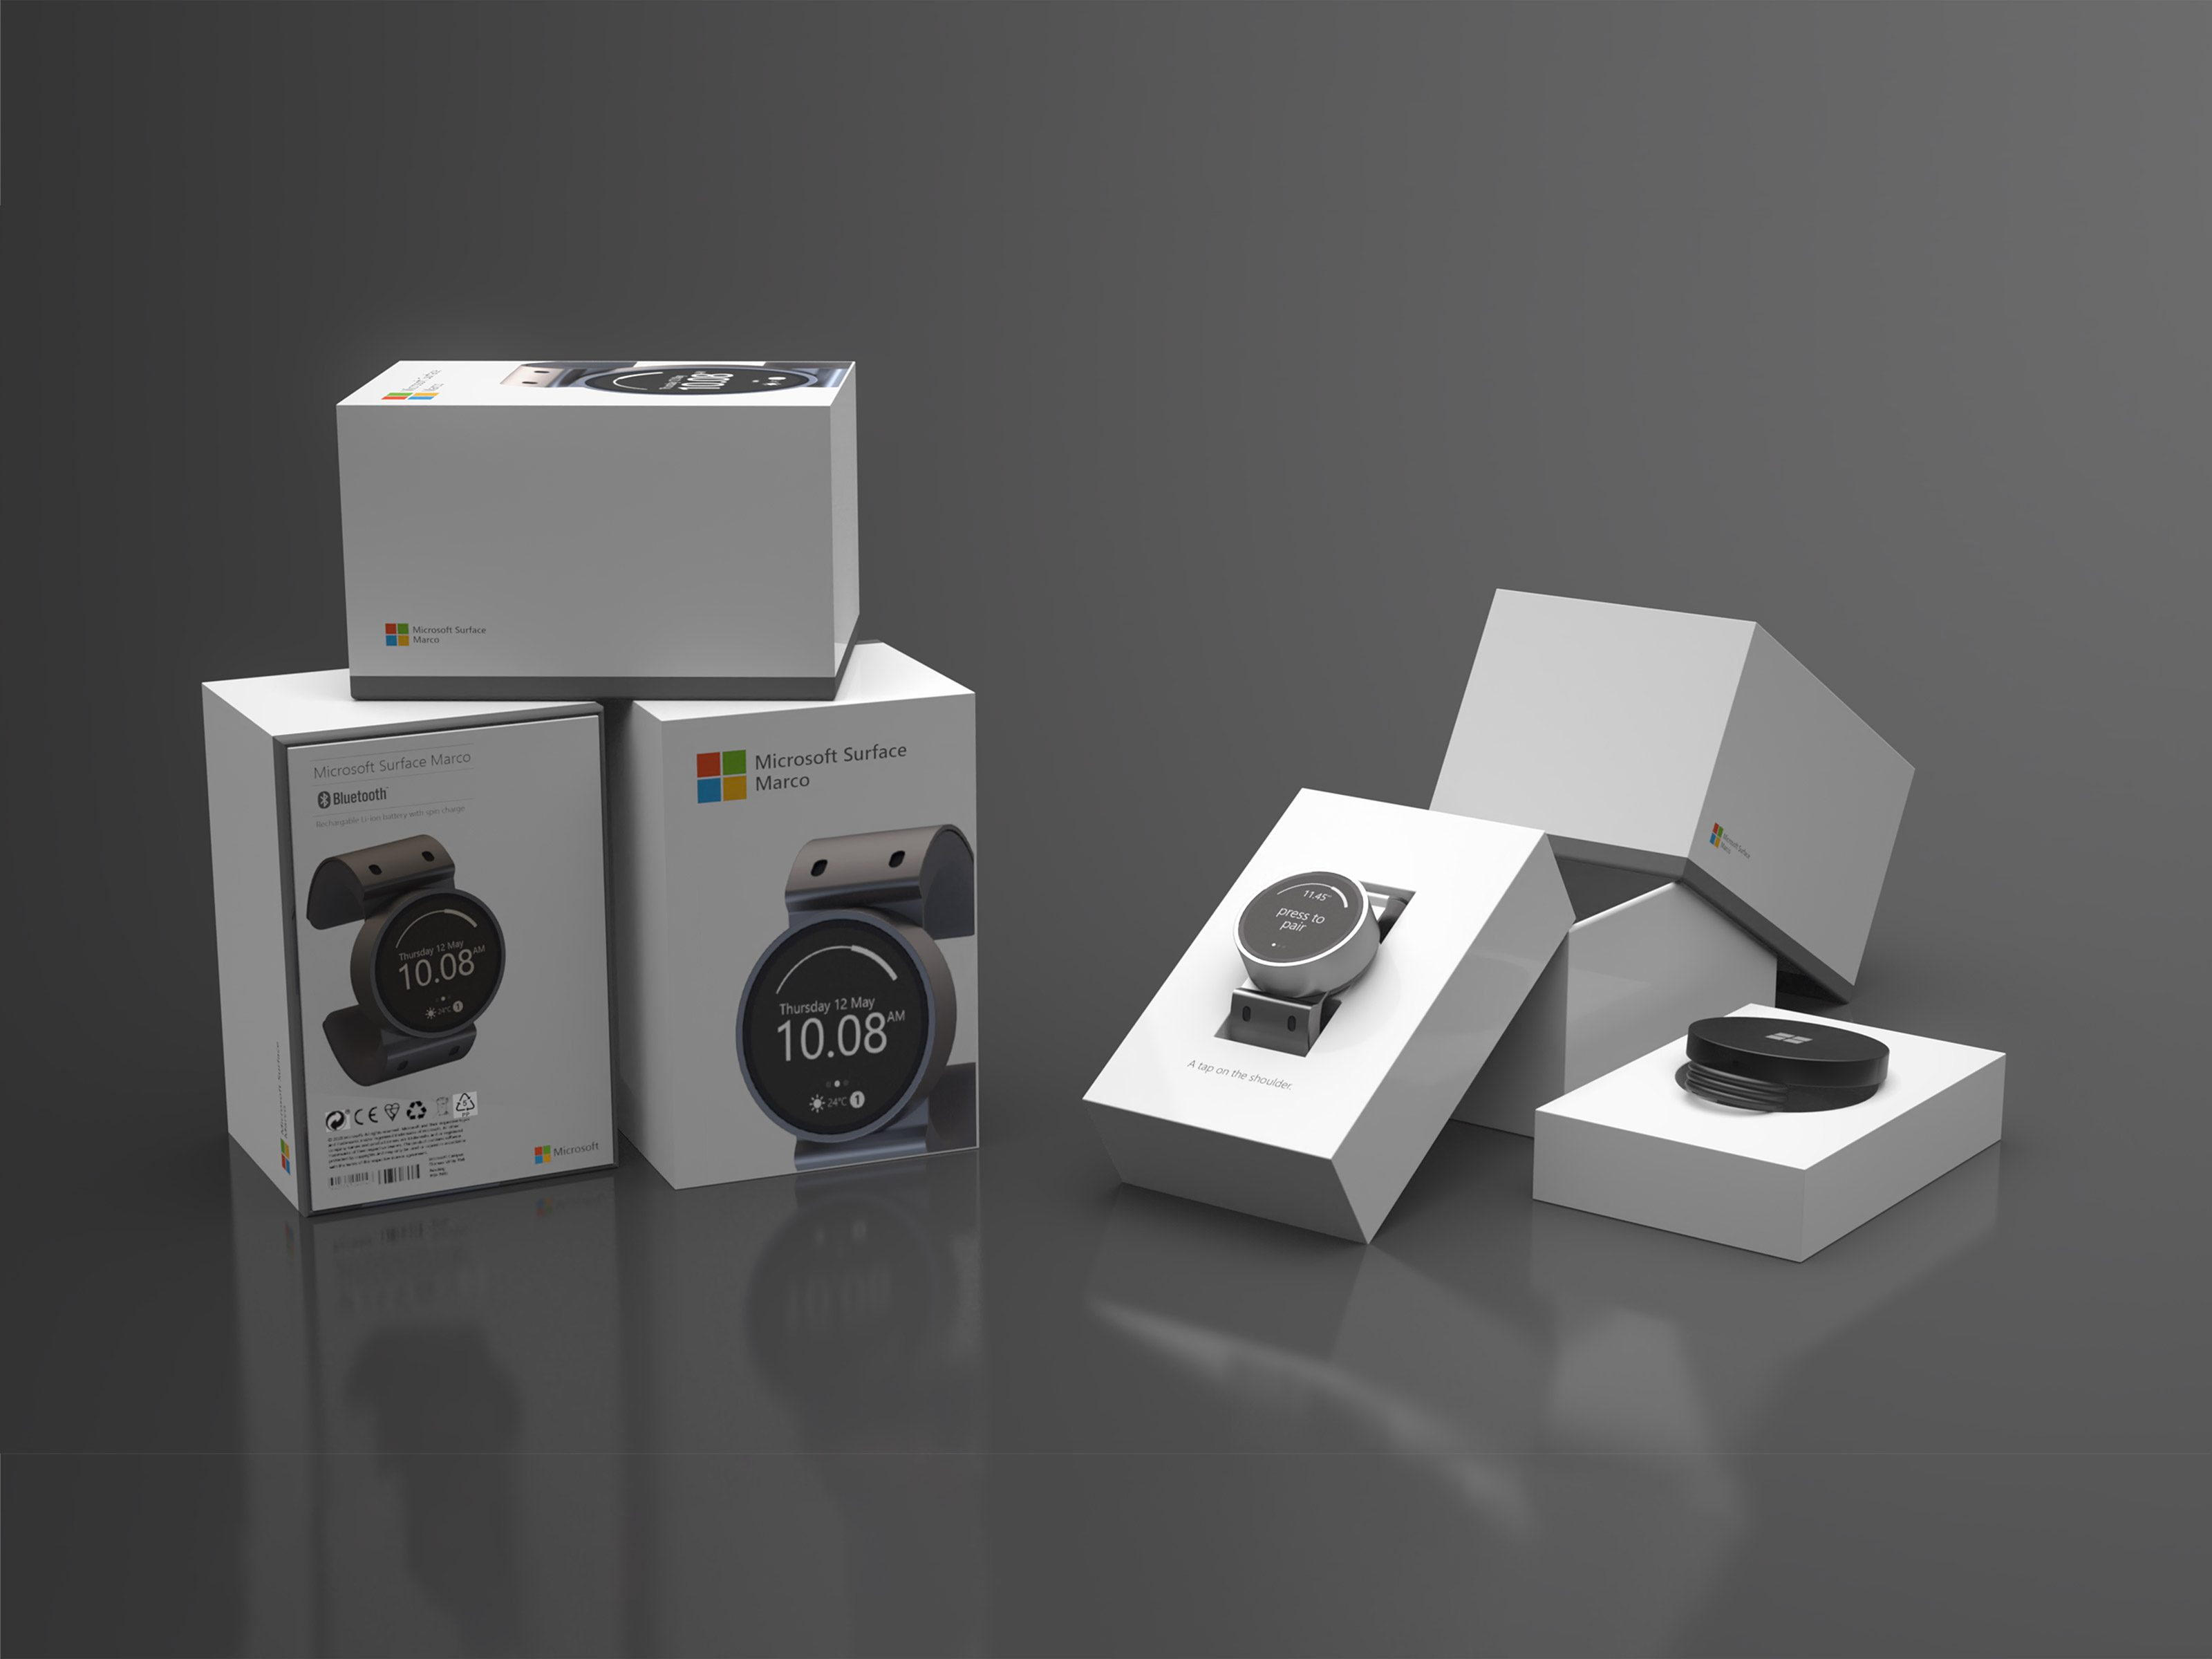 Final packaging renders